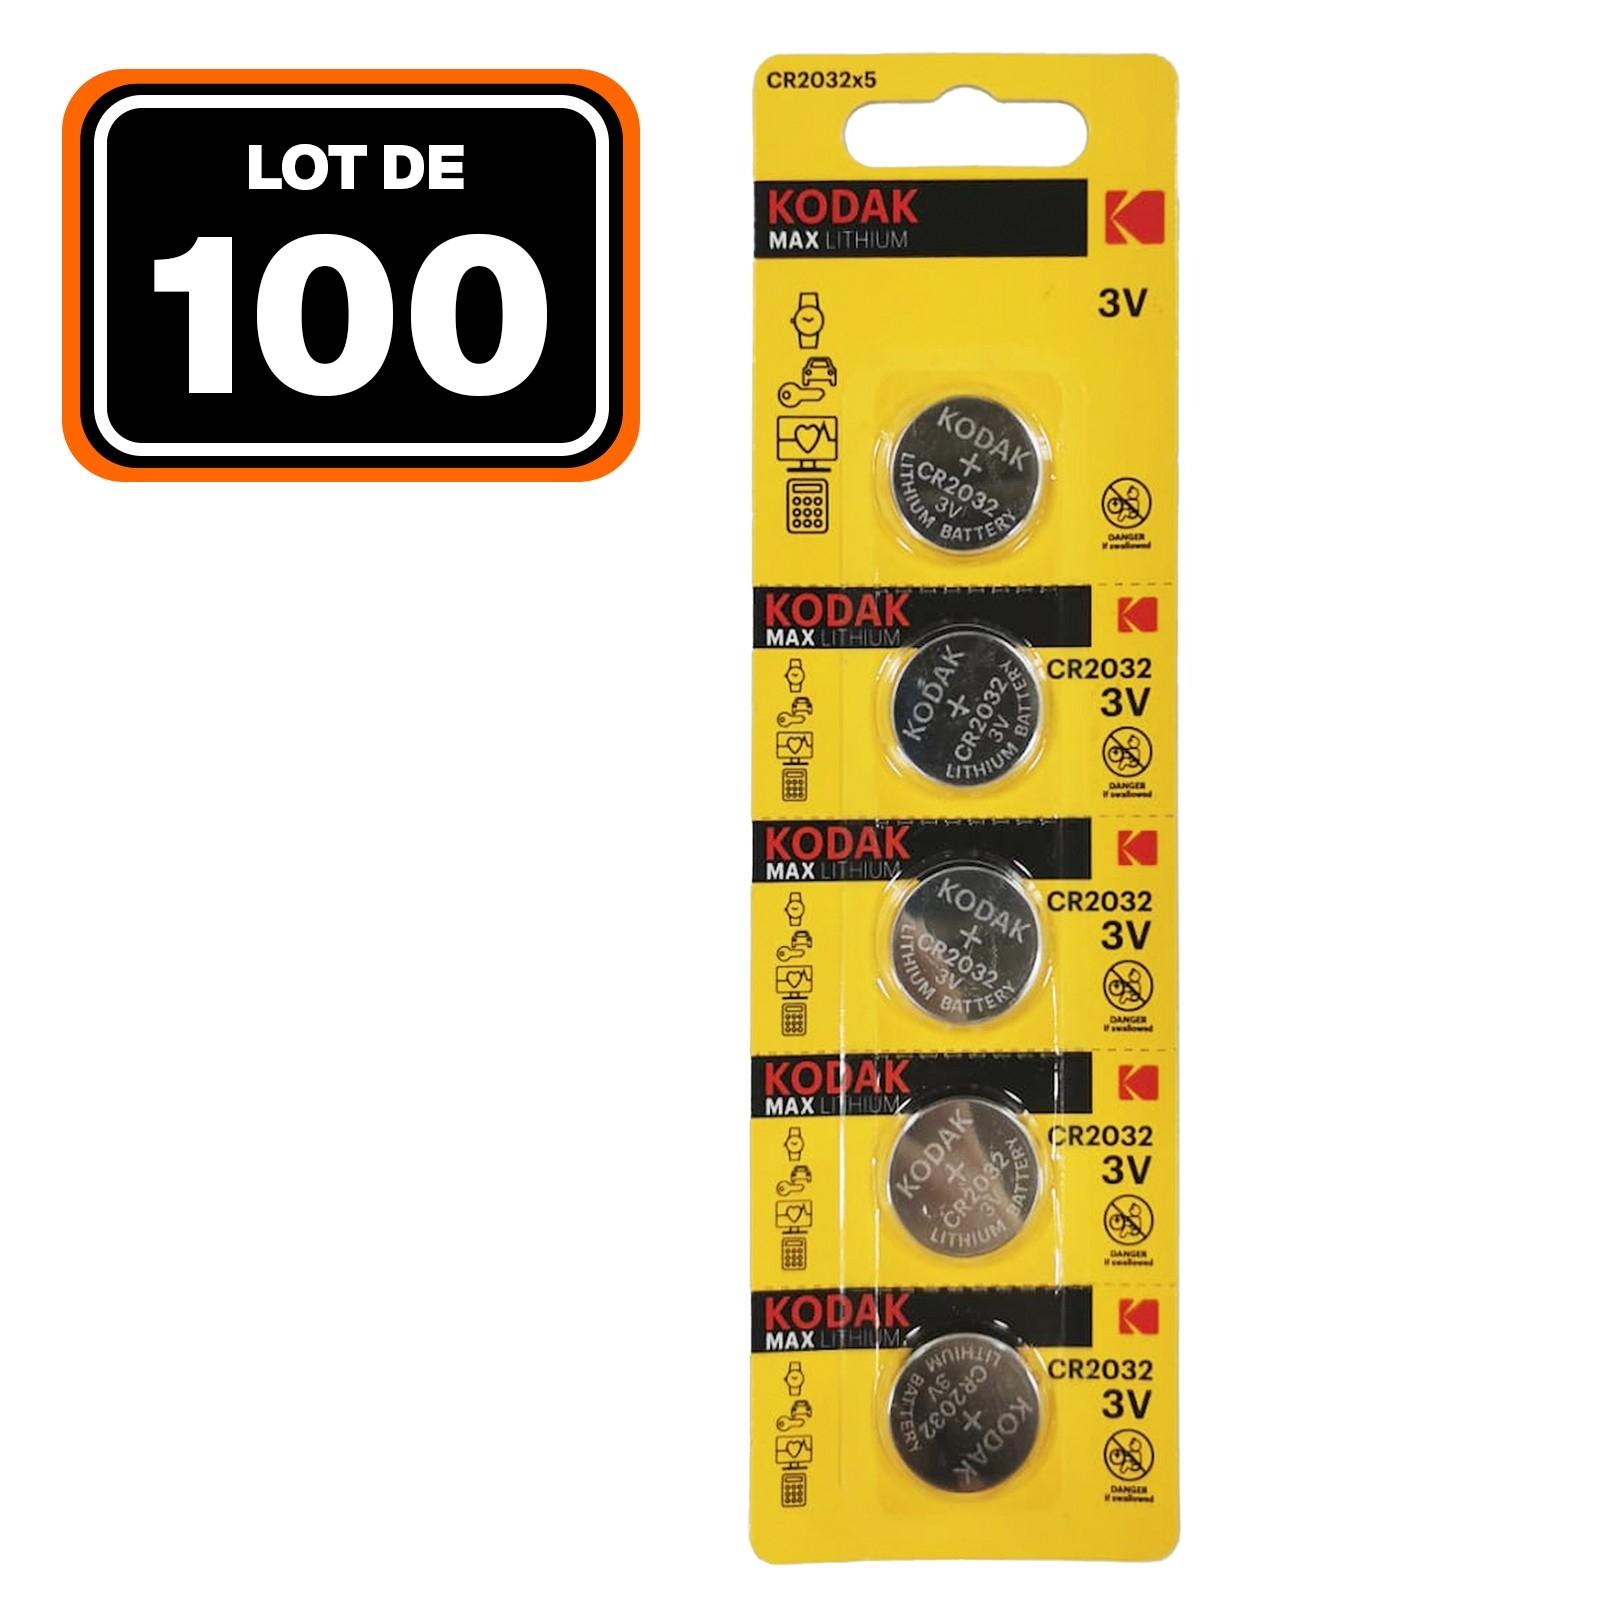 Lot de 100 Piles Bouton CR2032 3V 210mAh Lithium KODAK